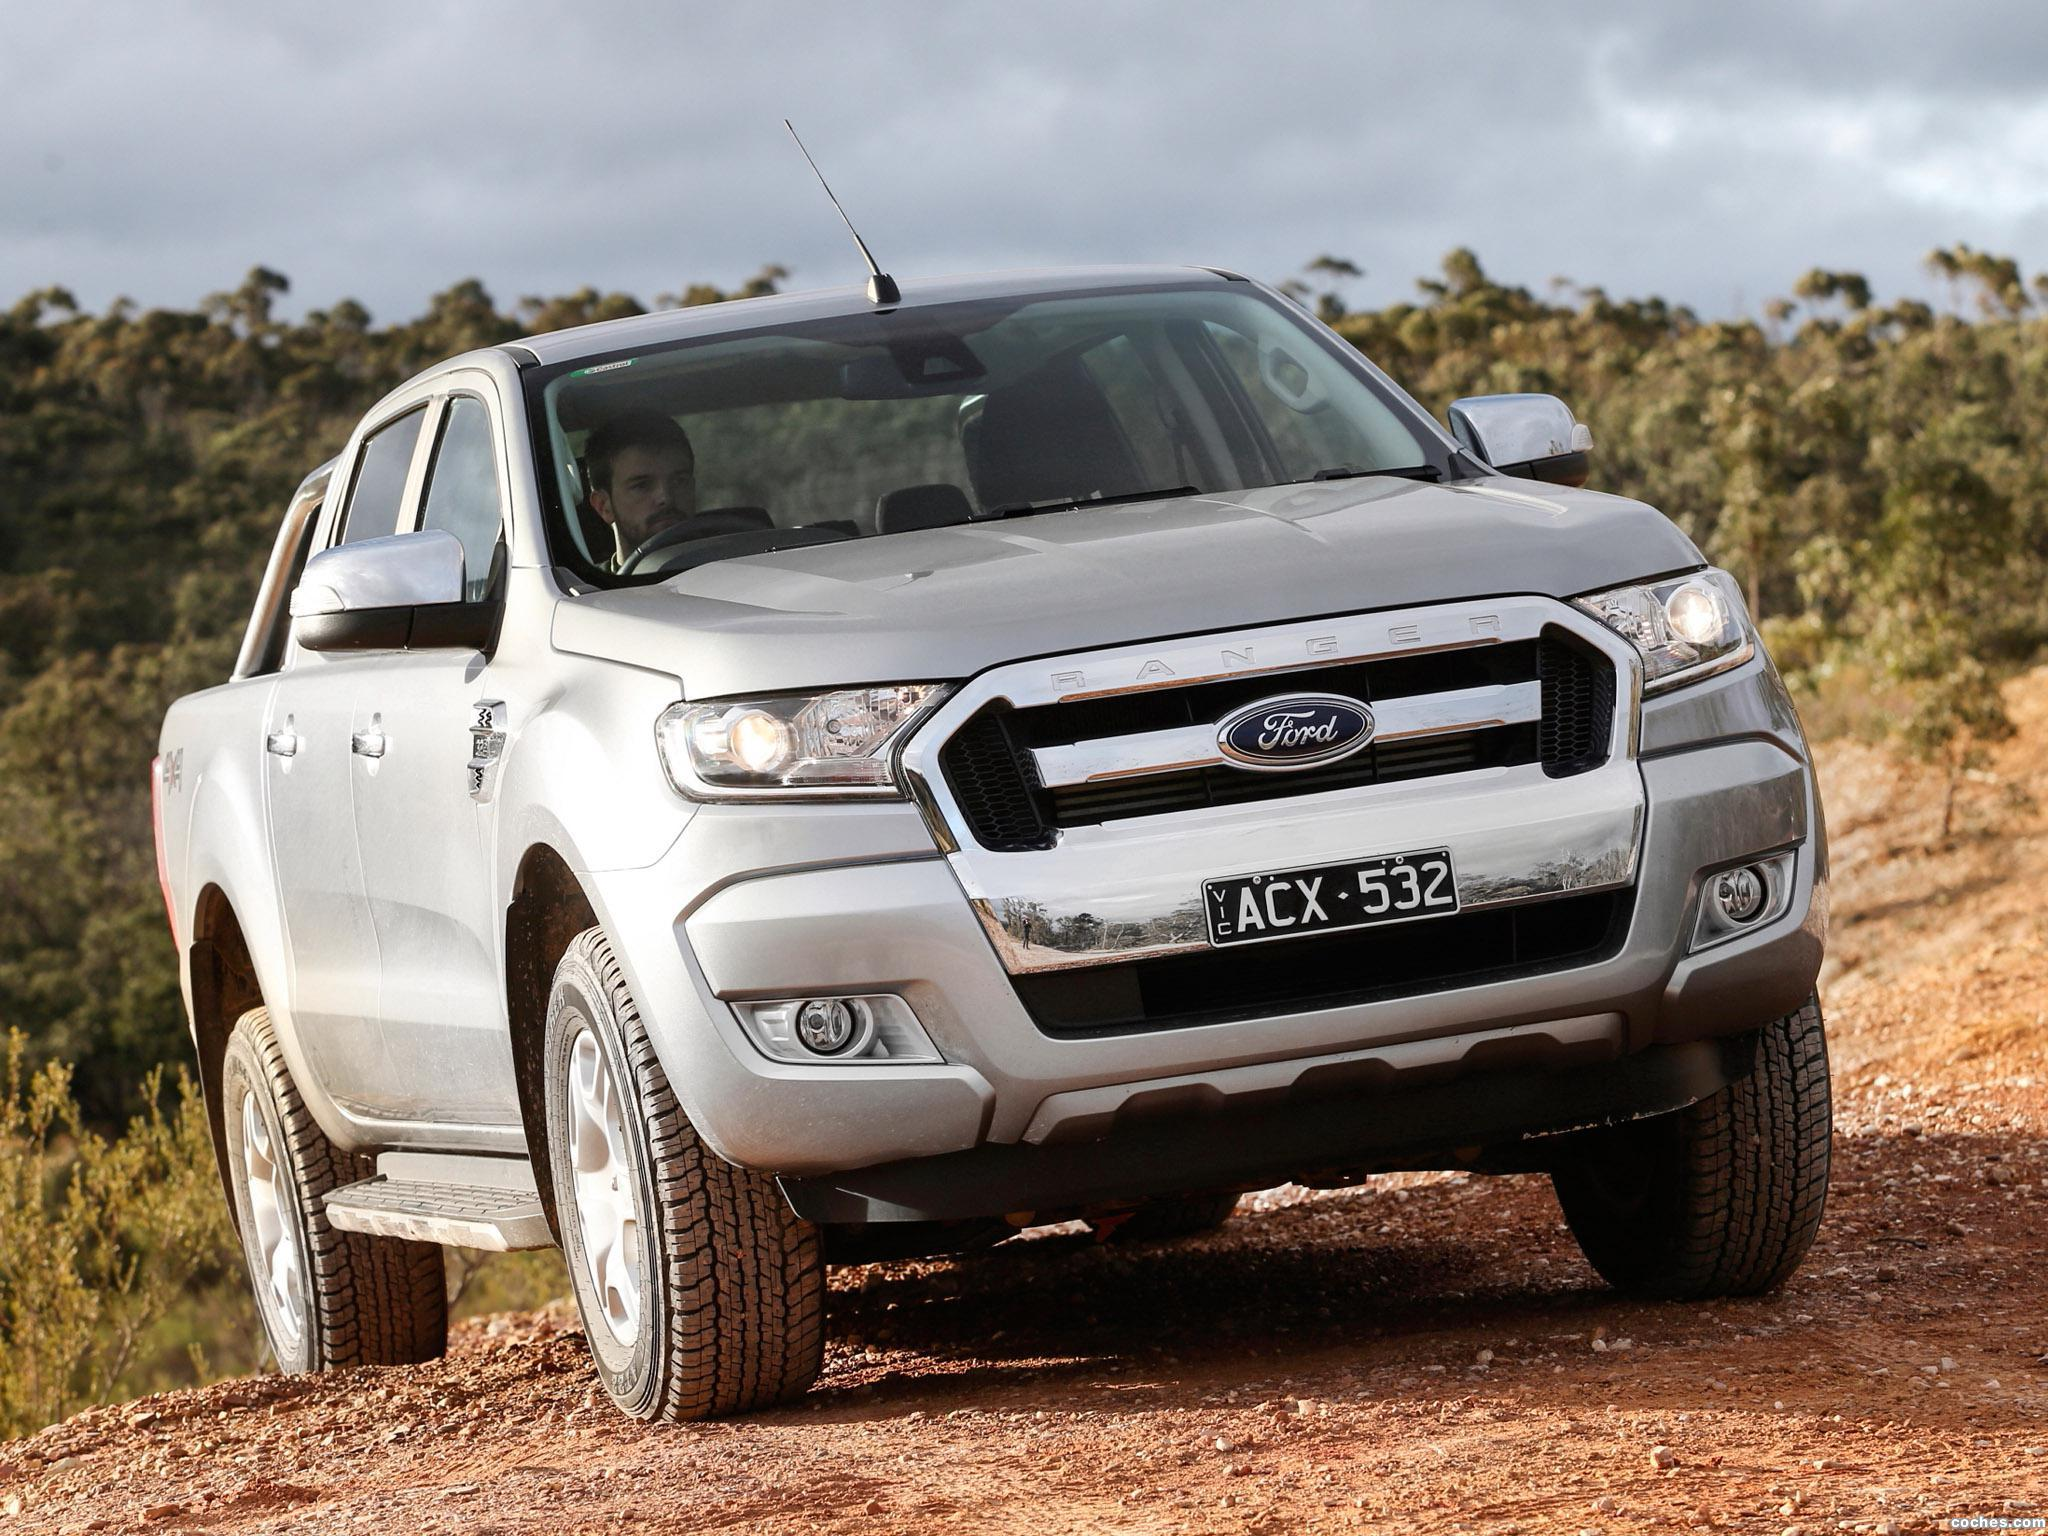 ford_ranger-xlt-double-cab-australia-2015_r19.jpg